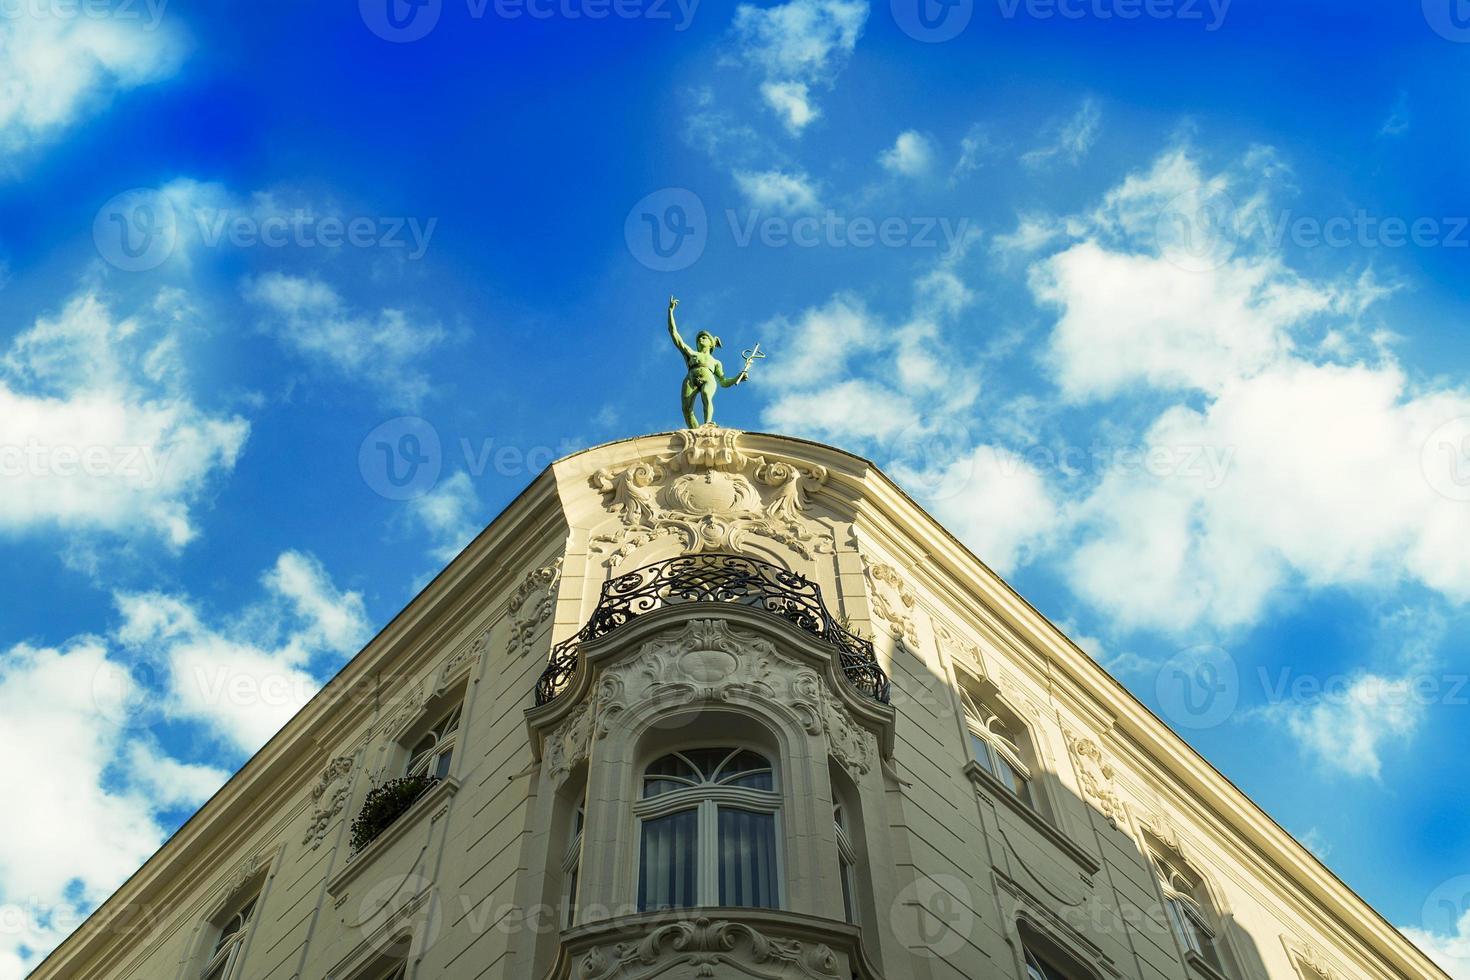 facciata di tipo barocco con una statua a Bonn, in Germania foto